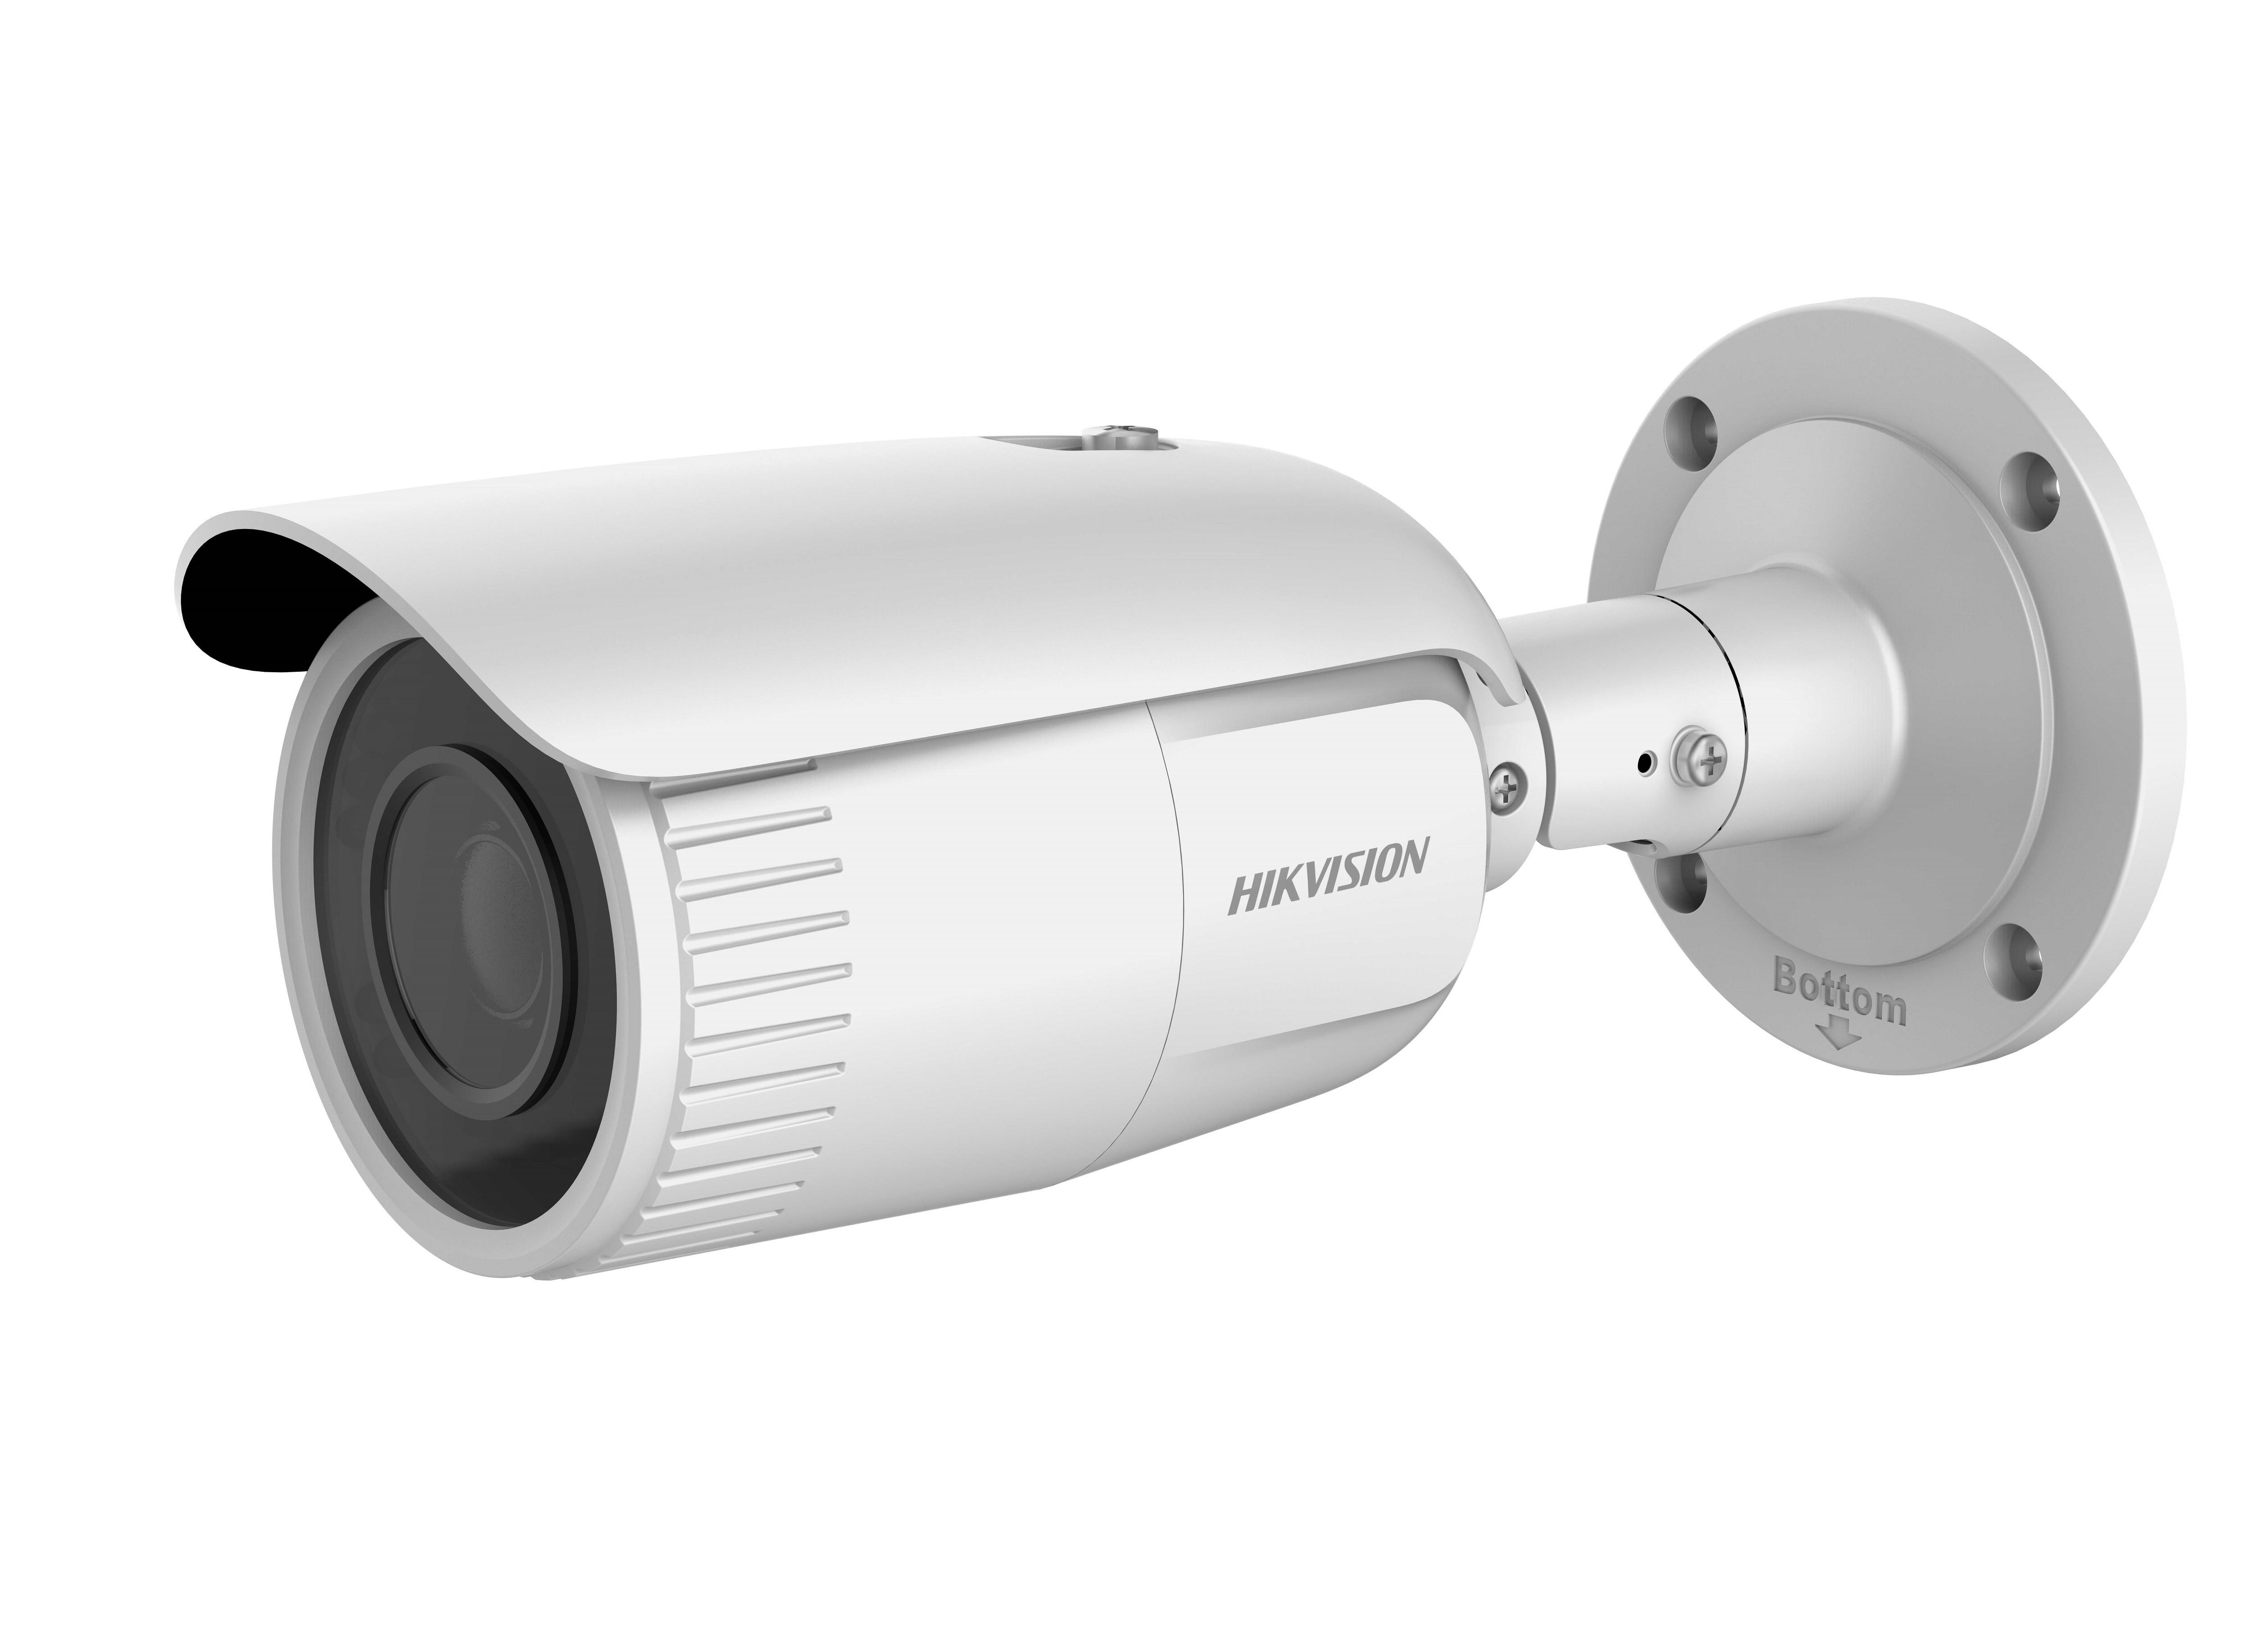 Hikvision DS-2CD1643G0-IZ 2.8-12mm